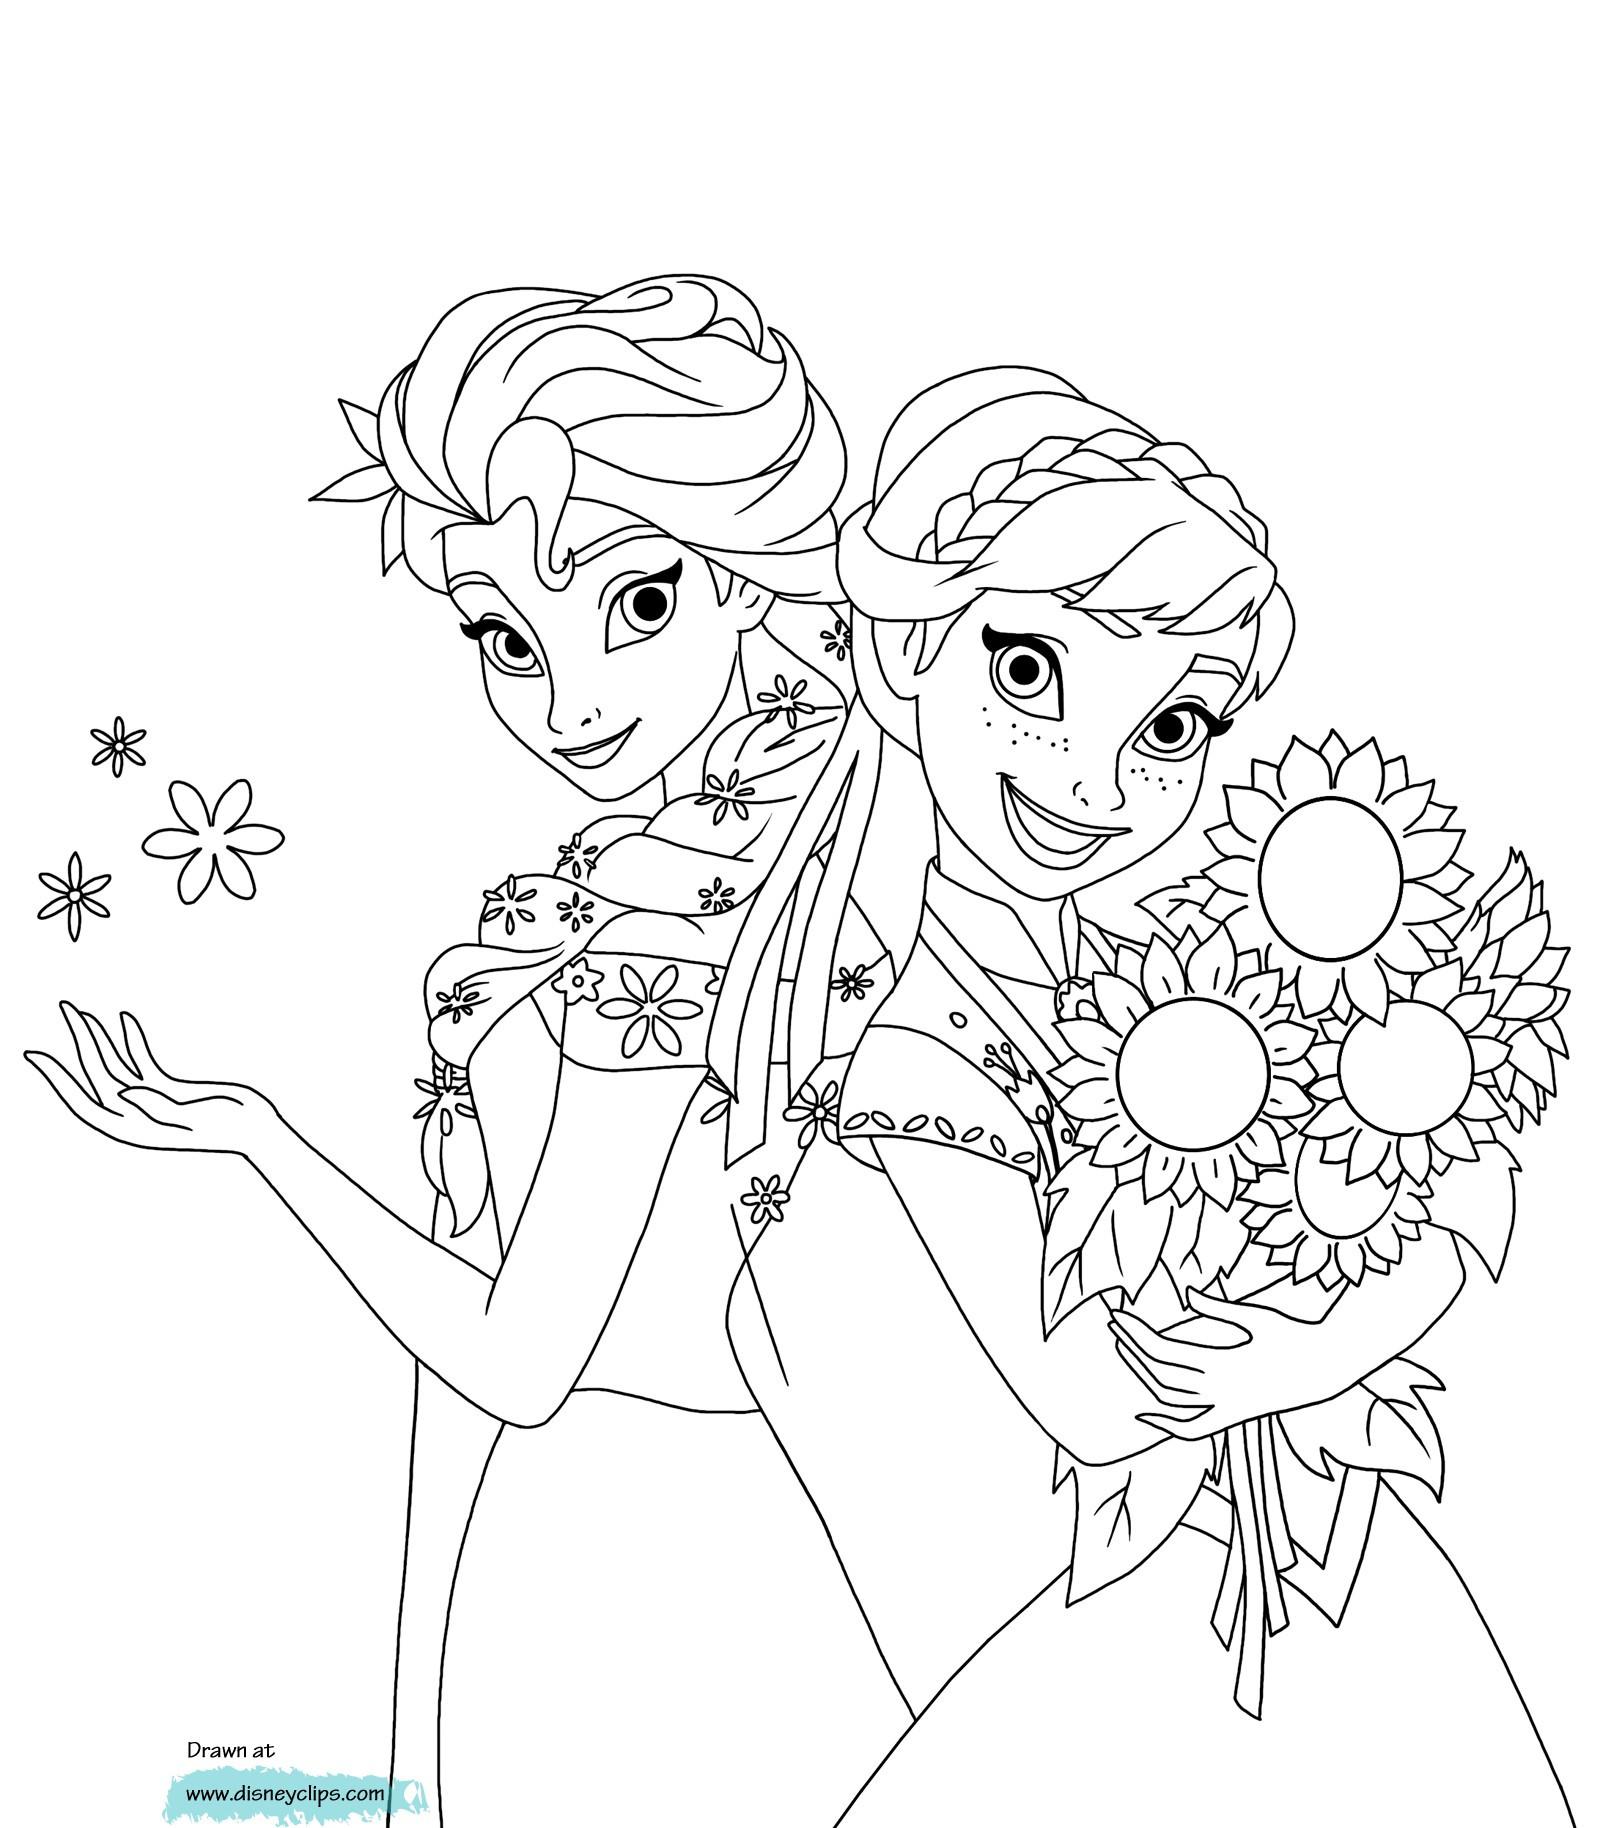 Ausmalbilder Elsa Und Anna Zum Ausdrucken Einzigartig Gratis Malvorlagen Elsa Und Anna Sammlung